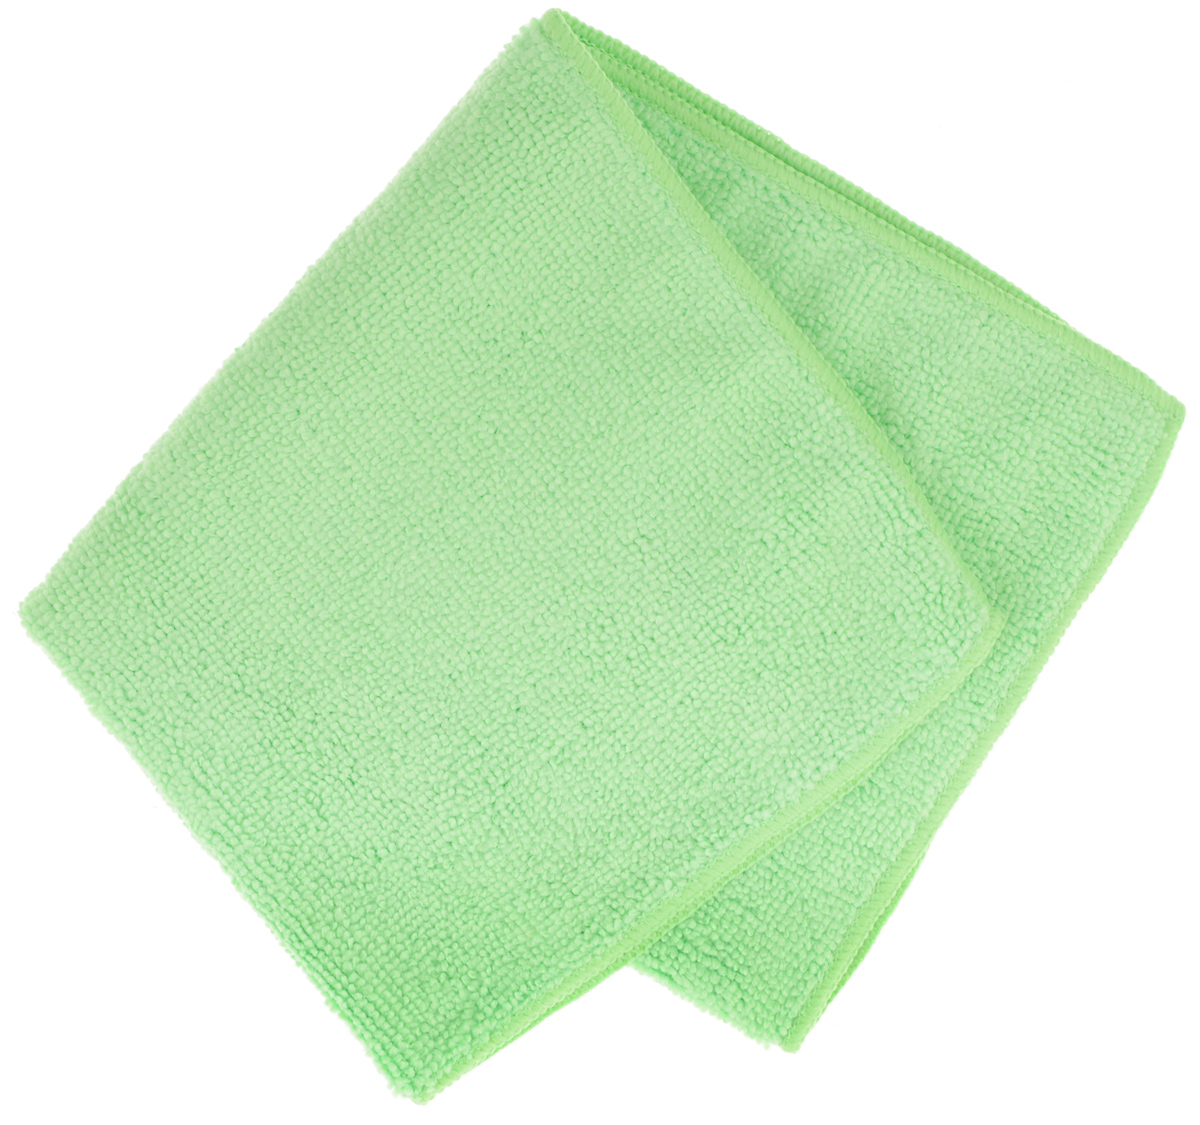 Салфетка для уборки Sol из микрофибры, цвет: зеленый, 30 x 30 см32110039Салфетка Soll выполнена из микрофибры. Микрофибра - это ткань из тонких микроволокон, которая эффективно очищает поверхности благодаря капиллярному эффекту между ними. Такая салфетка может использоваться как для сухой, так и для влажной уборки. Деликатно очищает любые поверхности не оставляя следов и разводов. Идеально подходит для протирки полированной мебели.Рекомендации по применению и уходу: Для обеспечения гигиеничности рекомендуется прополаскивать салфетку после каждого применения с моющим средством. Для сохранения мягкости не рекомендуется сушить вблизи отопительных приборов и на батареях. Нельзя стирать с отбеливающими средствами, кипятить и гладить.